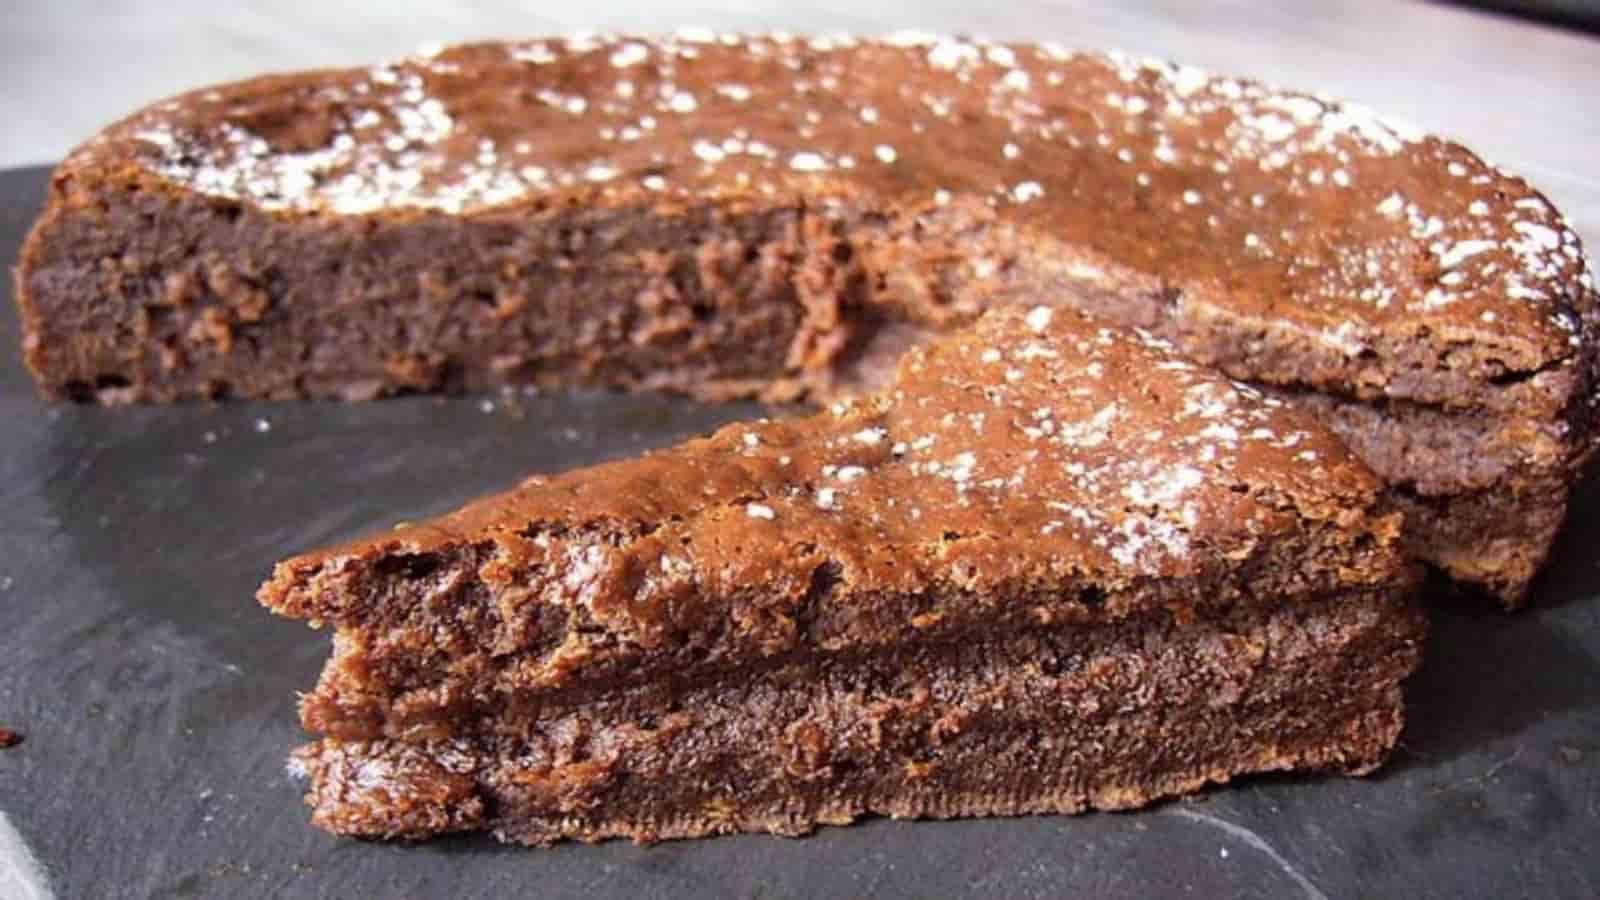 Gâteau au chocolat original au bon goût de caramel salé